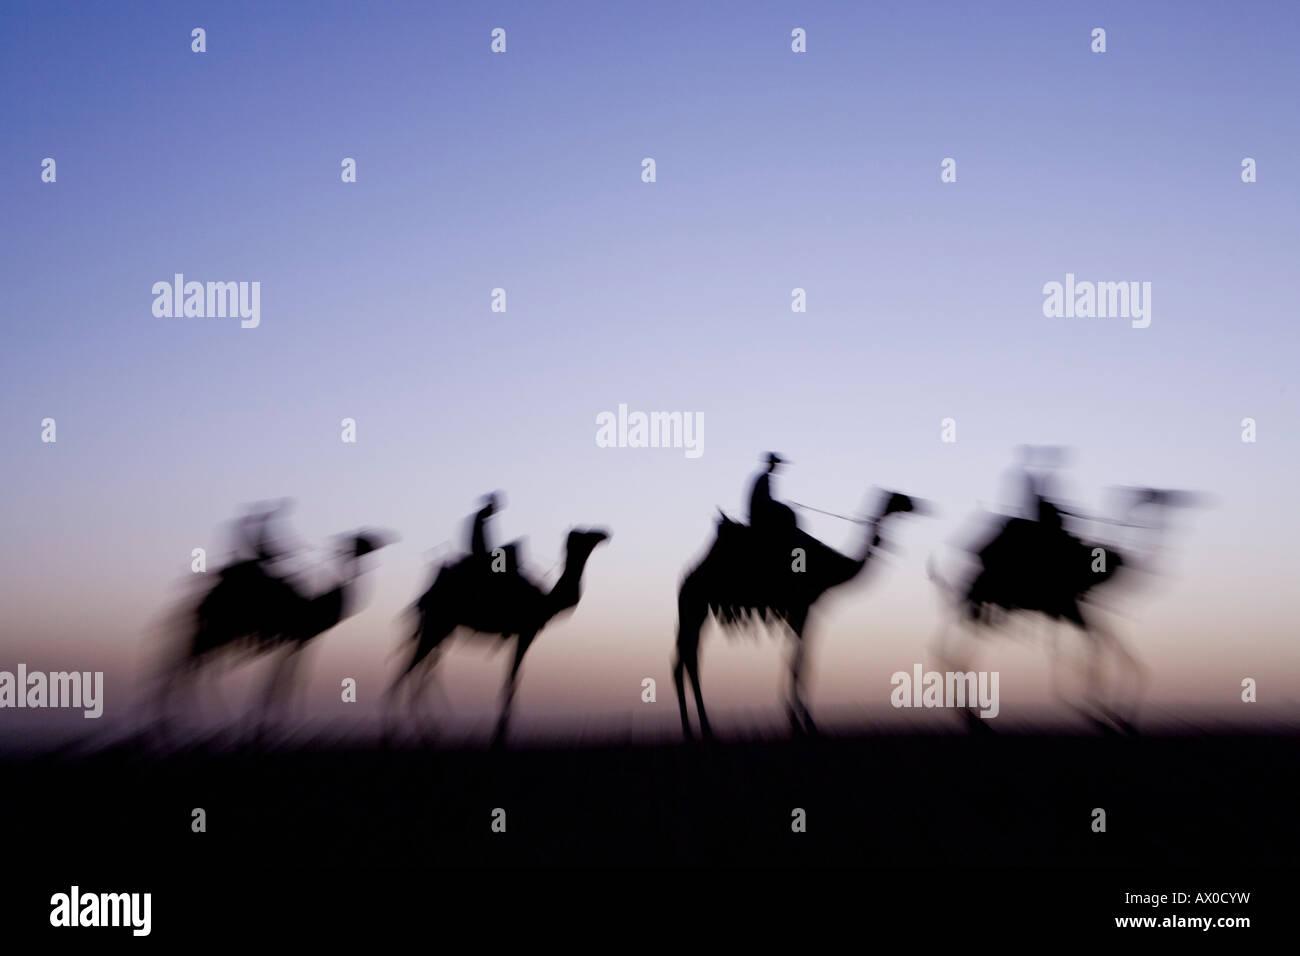 Les chameaux près des pyramides de Gizeh, Le Caire, Egypte Banque D'Images